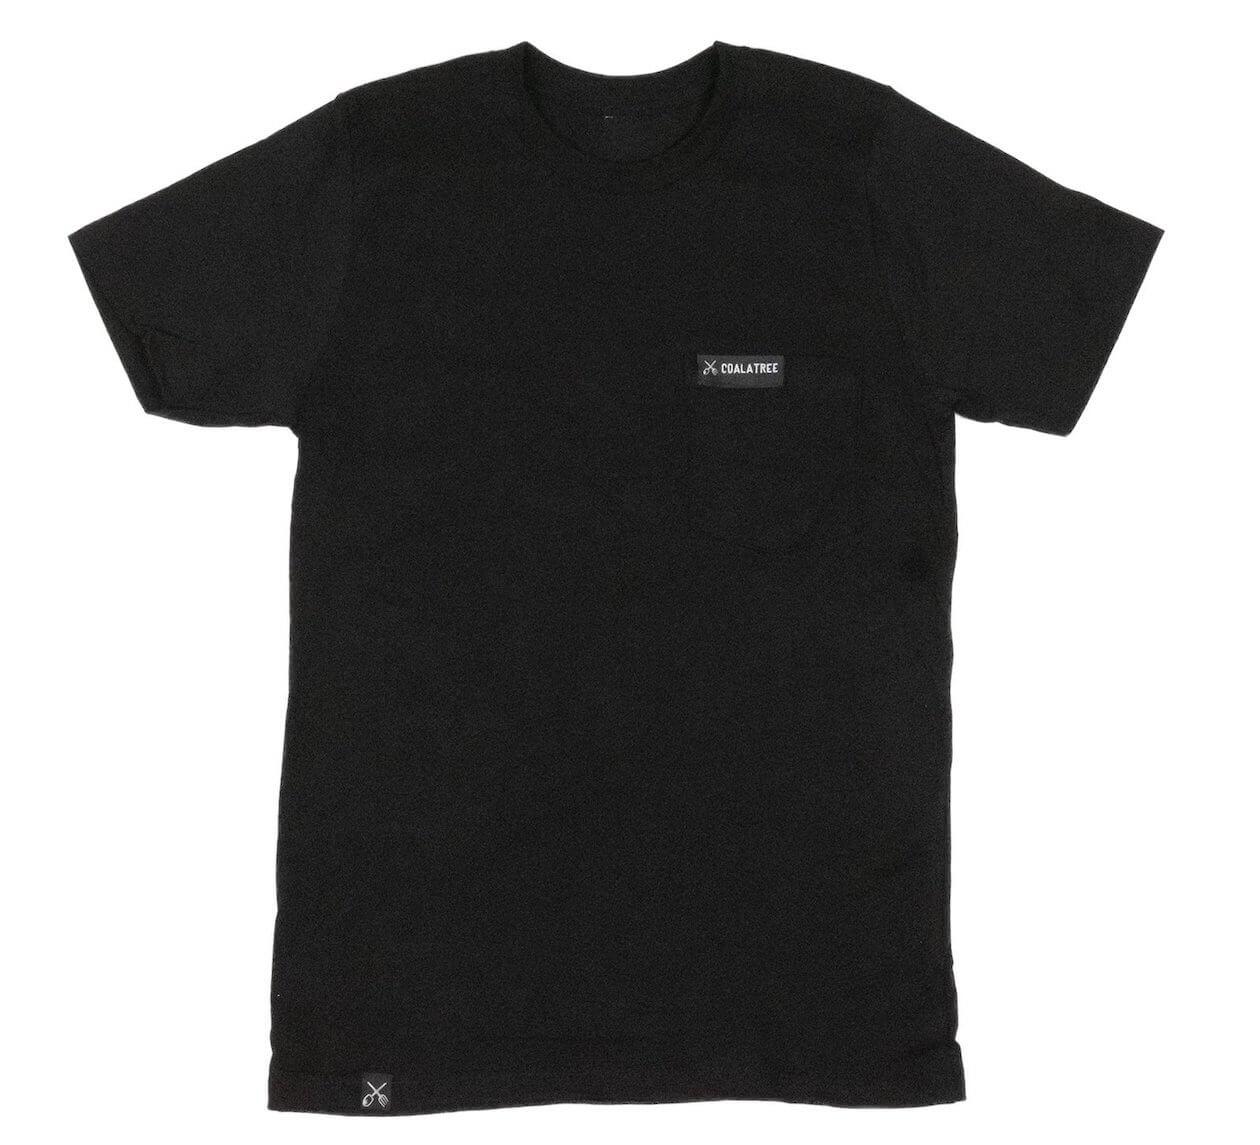 Coaltree's CT Pocket Tee (Eco-friendly T-shirt)